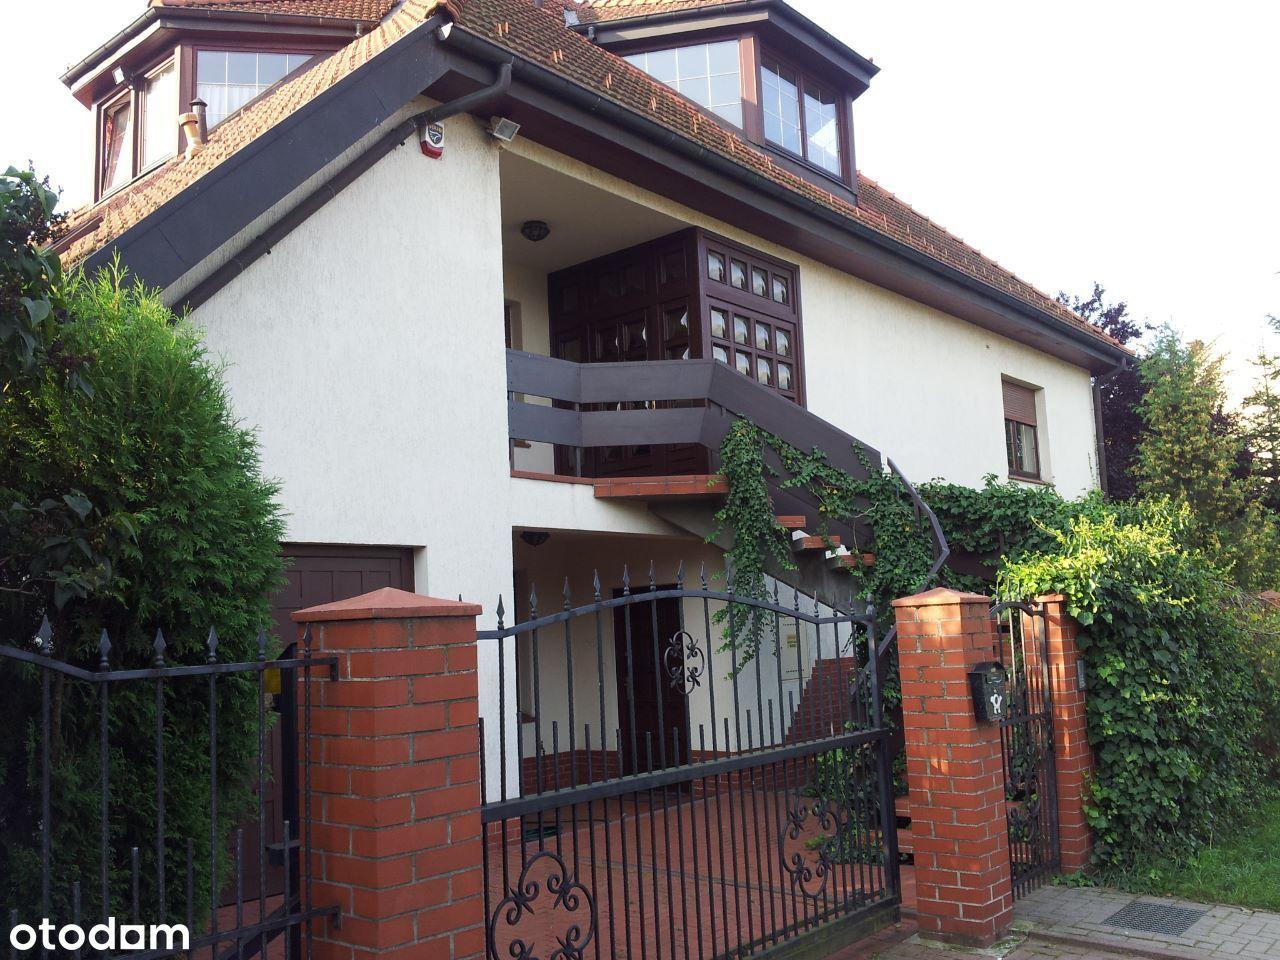 Dom we Wrocławiu, ulica Lakiernicza - Bezpośrednio